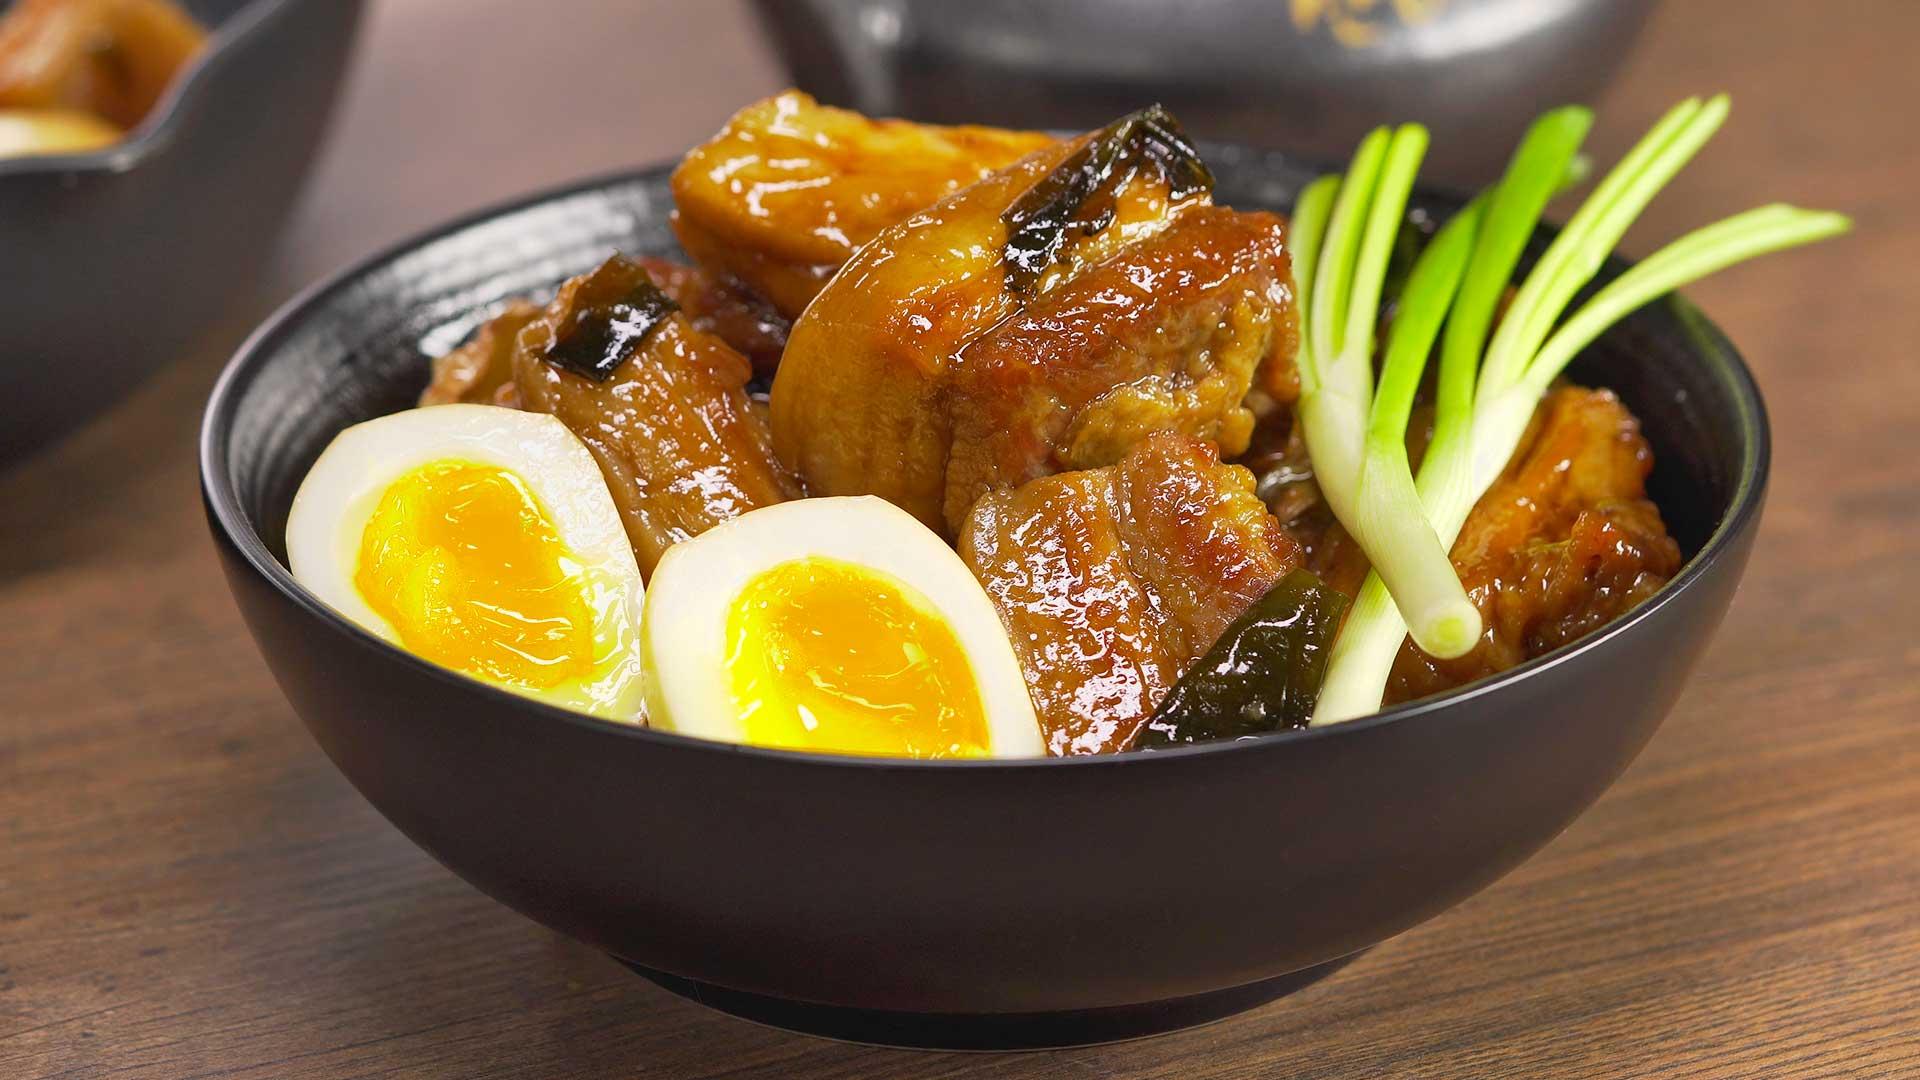 КАКУНИ / KAKUNI - тушеная свиная грудинка. Японская кухня